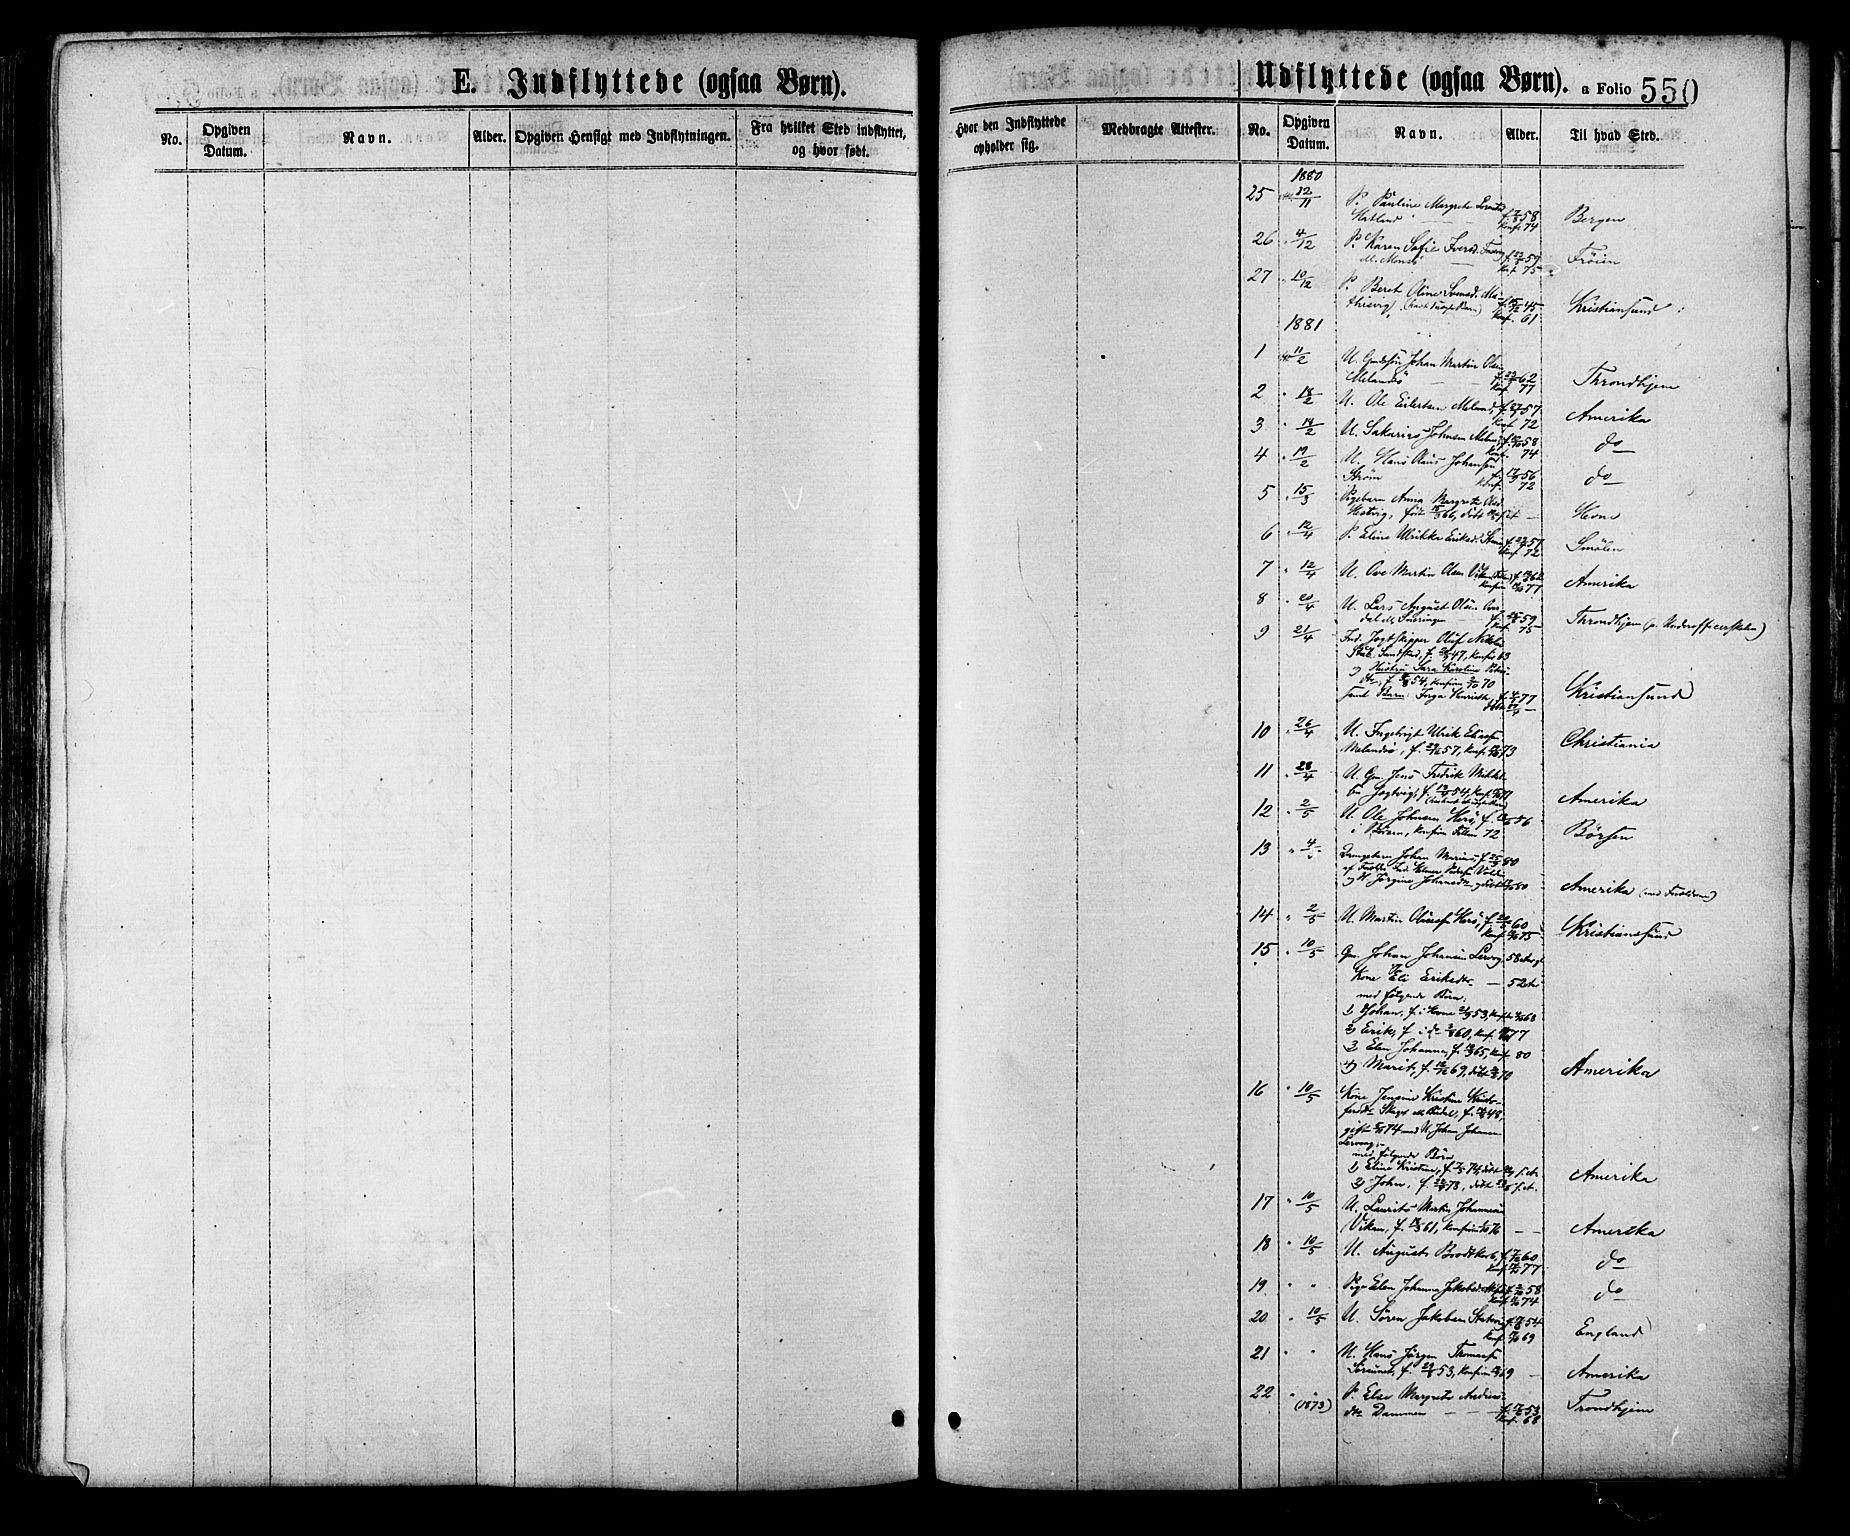 SAT, Ministerialprotokoller, klokkerbøker og fødselsregistre - Sør-Trøndelag, 634/L0532: Ministerialbok nr. 634A08, 1871-1881, s. 550